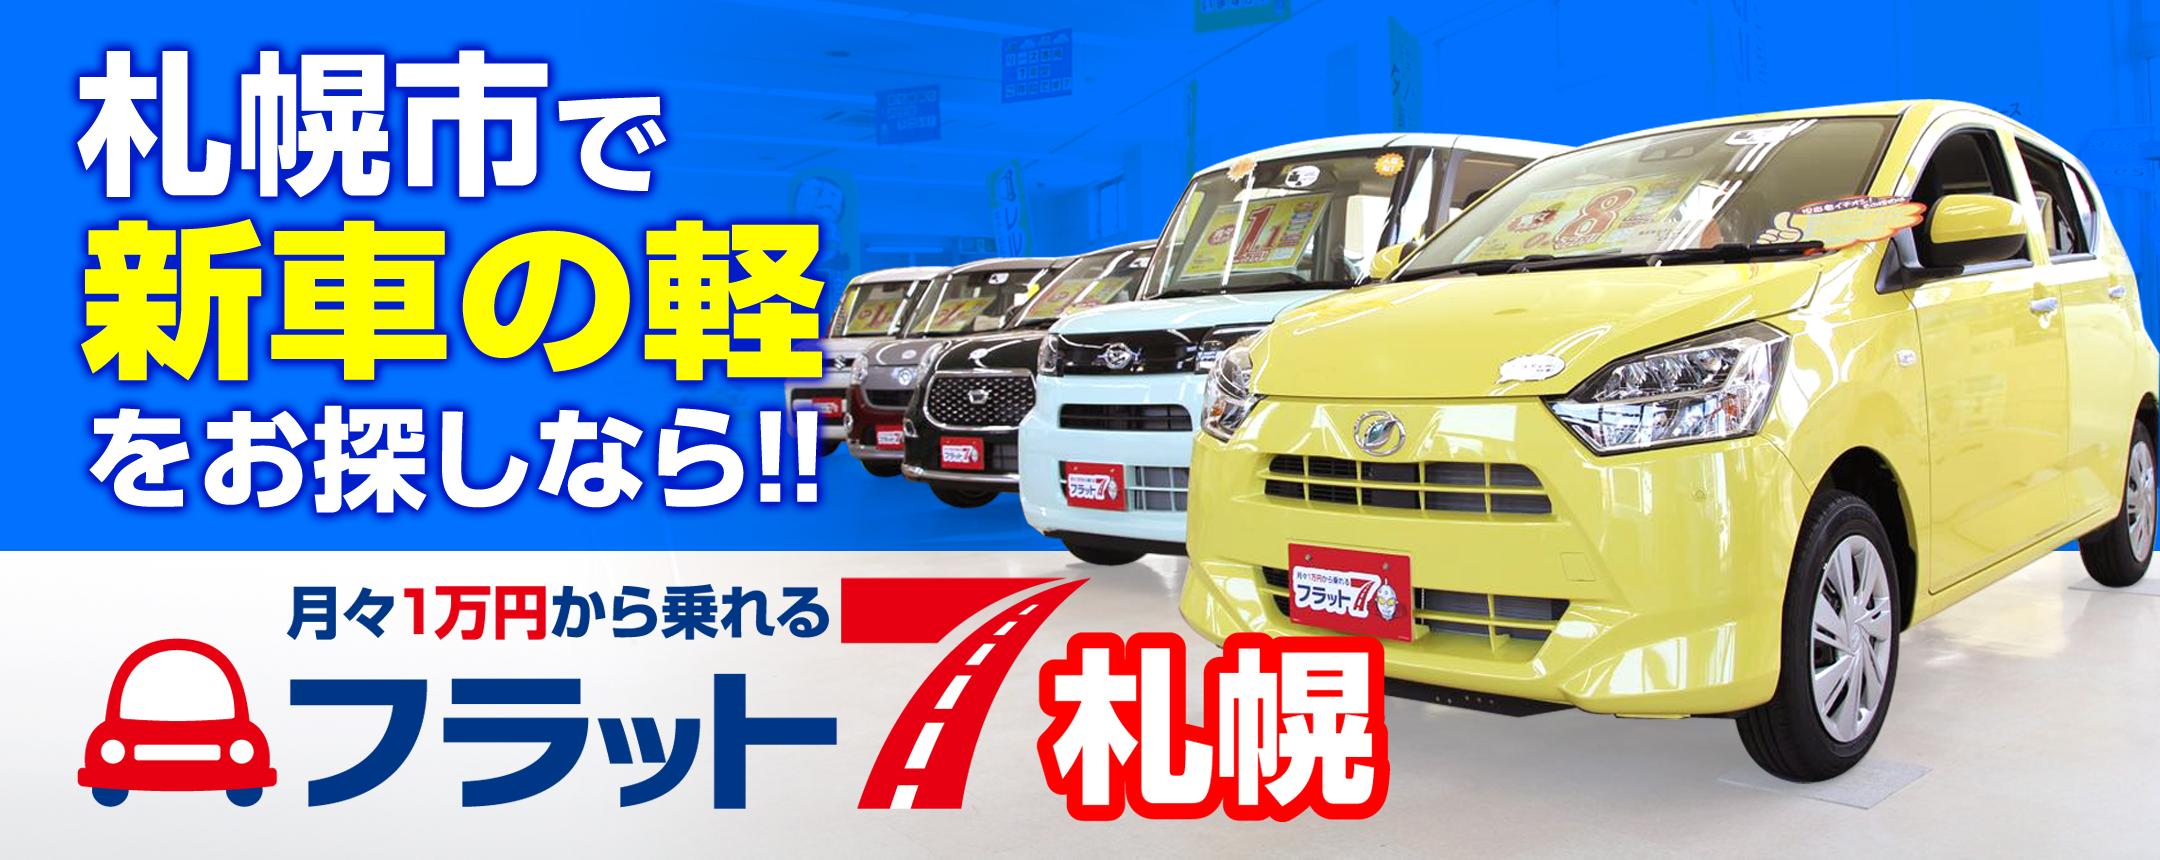 札幌市の新車の軽ならフラット7オニキス札幌店